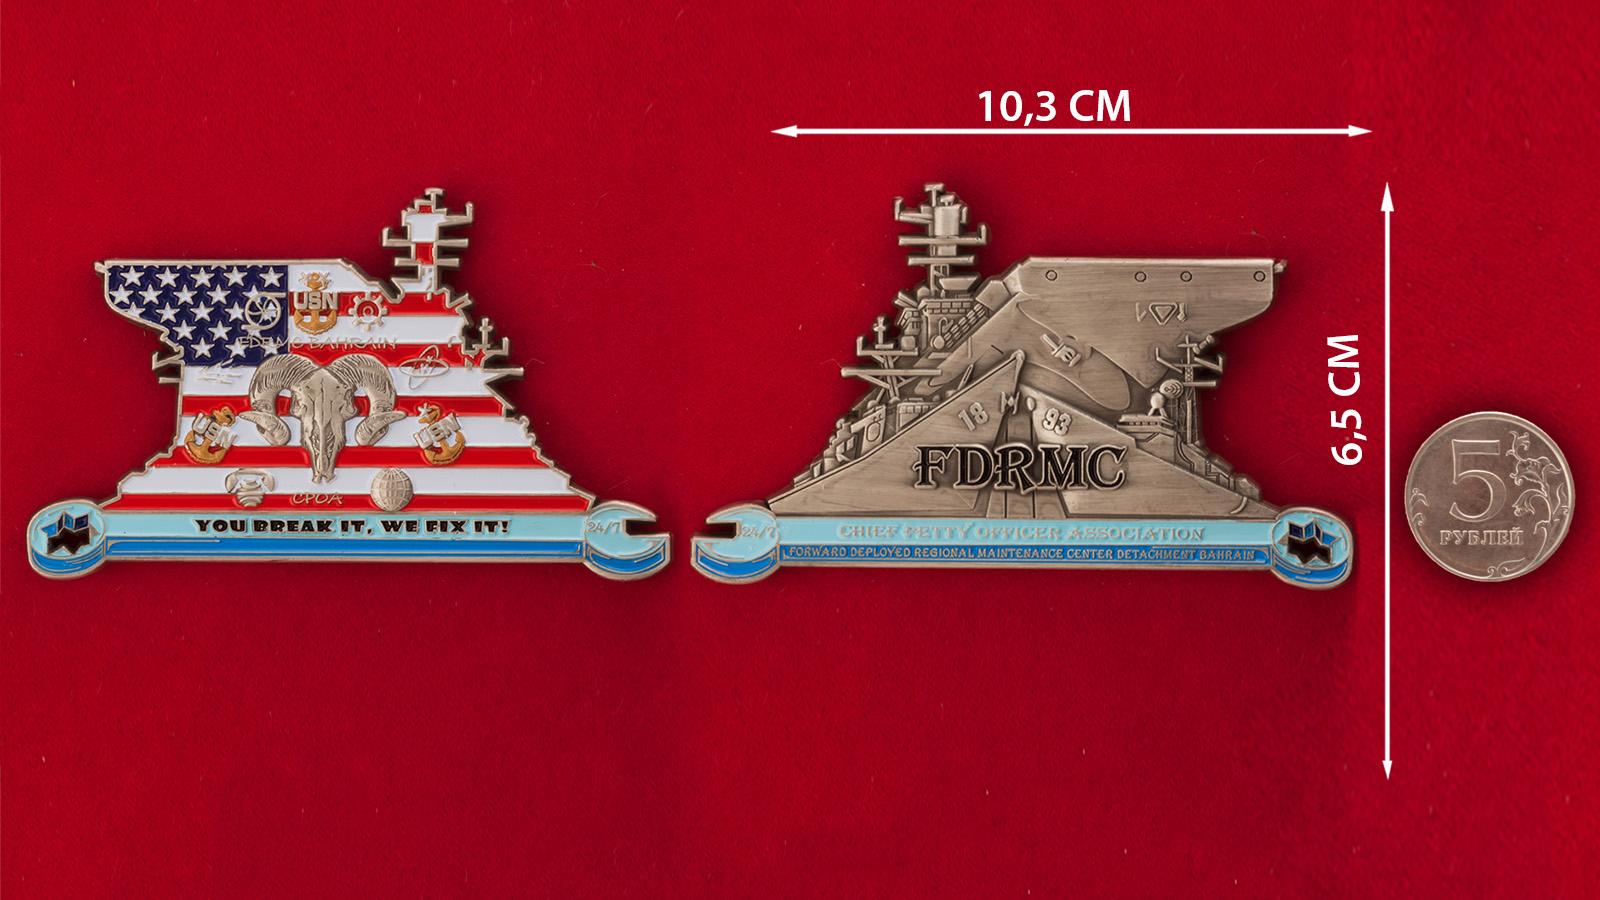 Челлендж коин Ассоциации главных старшин Технического центра базы ВМС США в Бахрейне - сравнительный размер